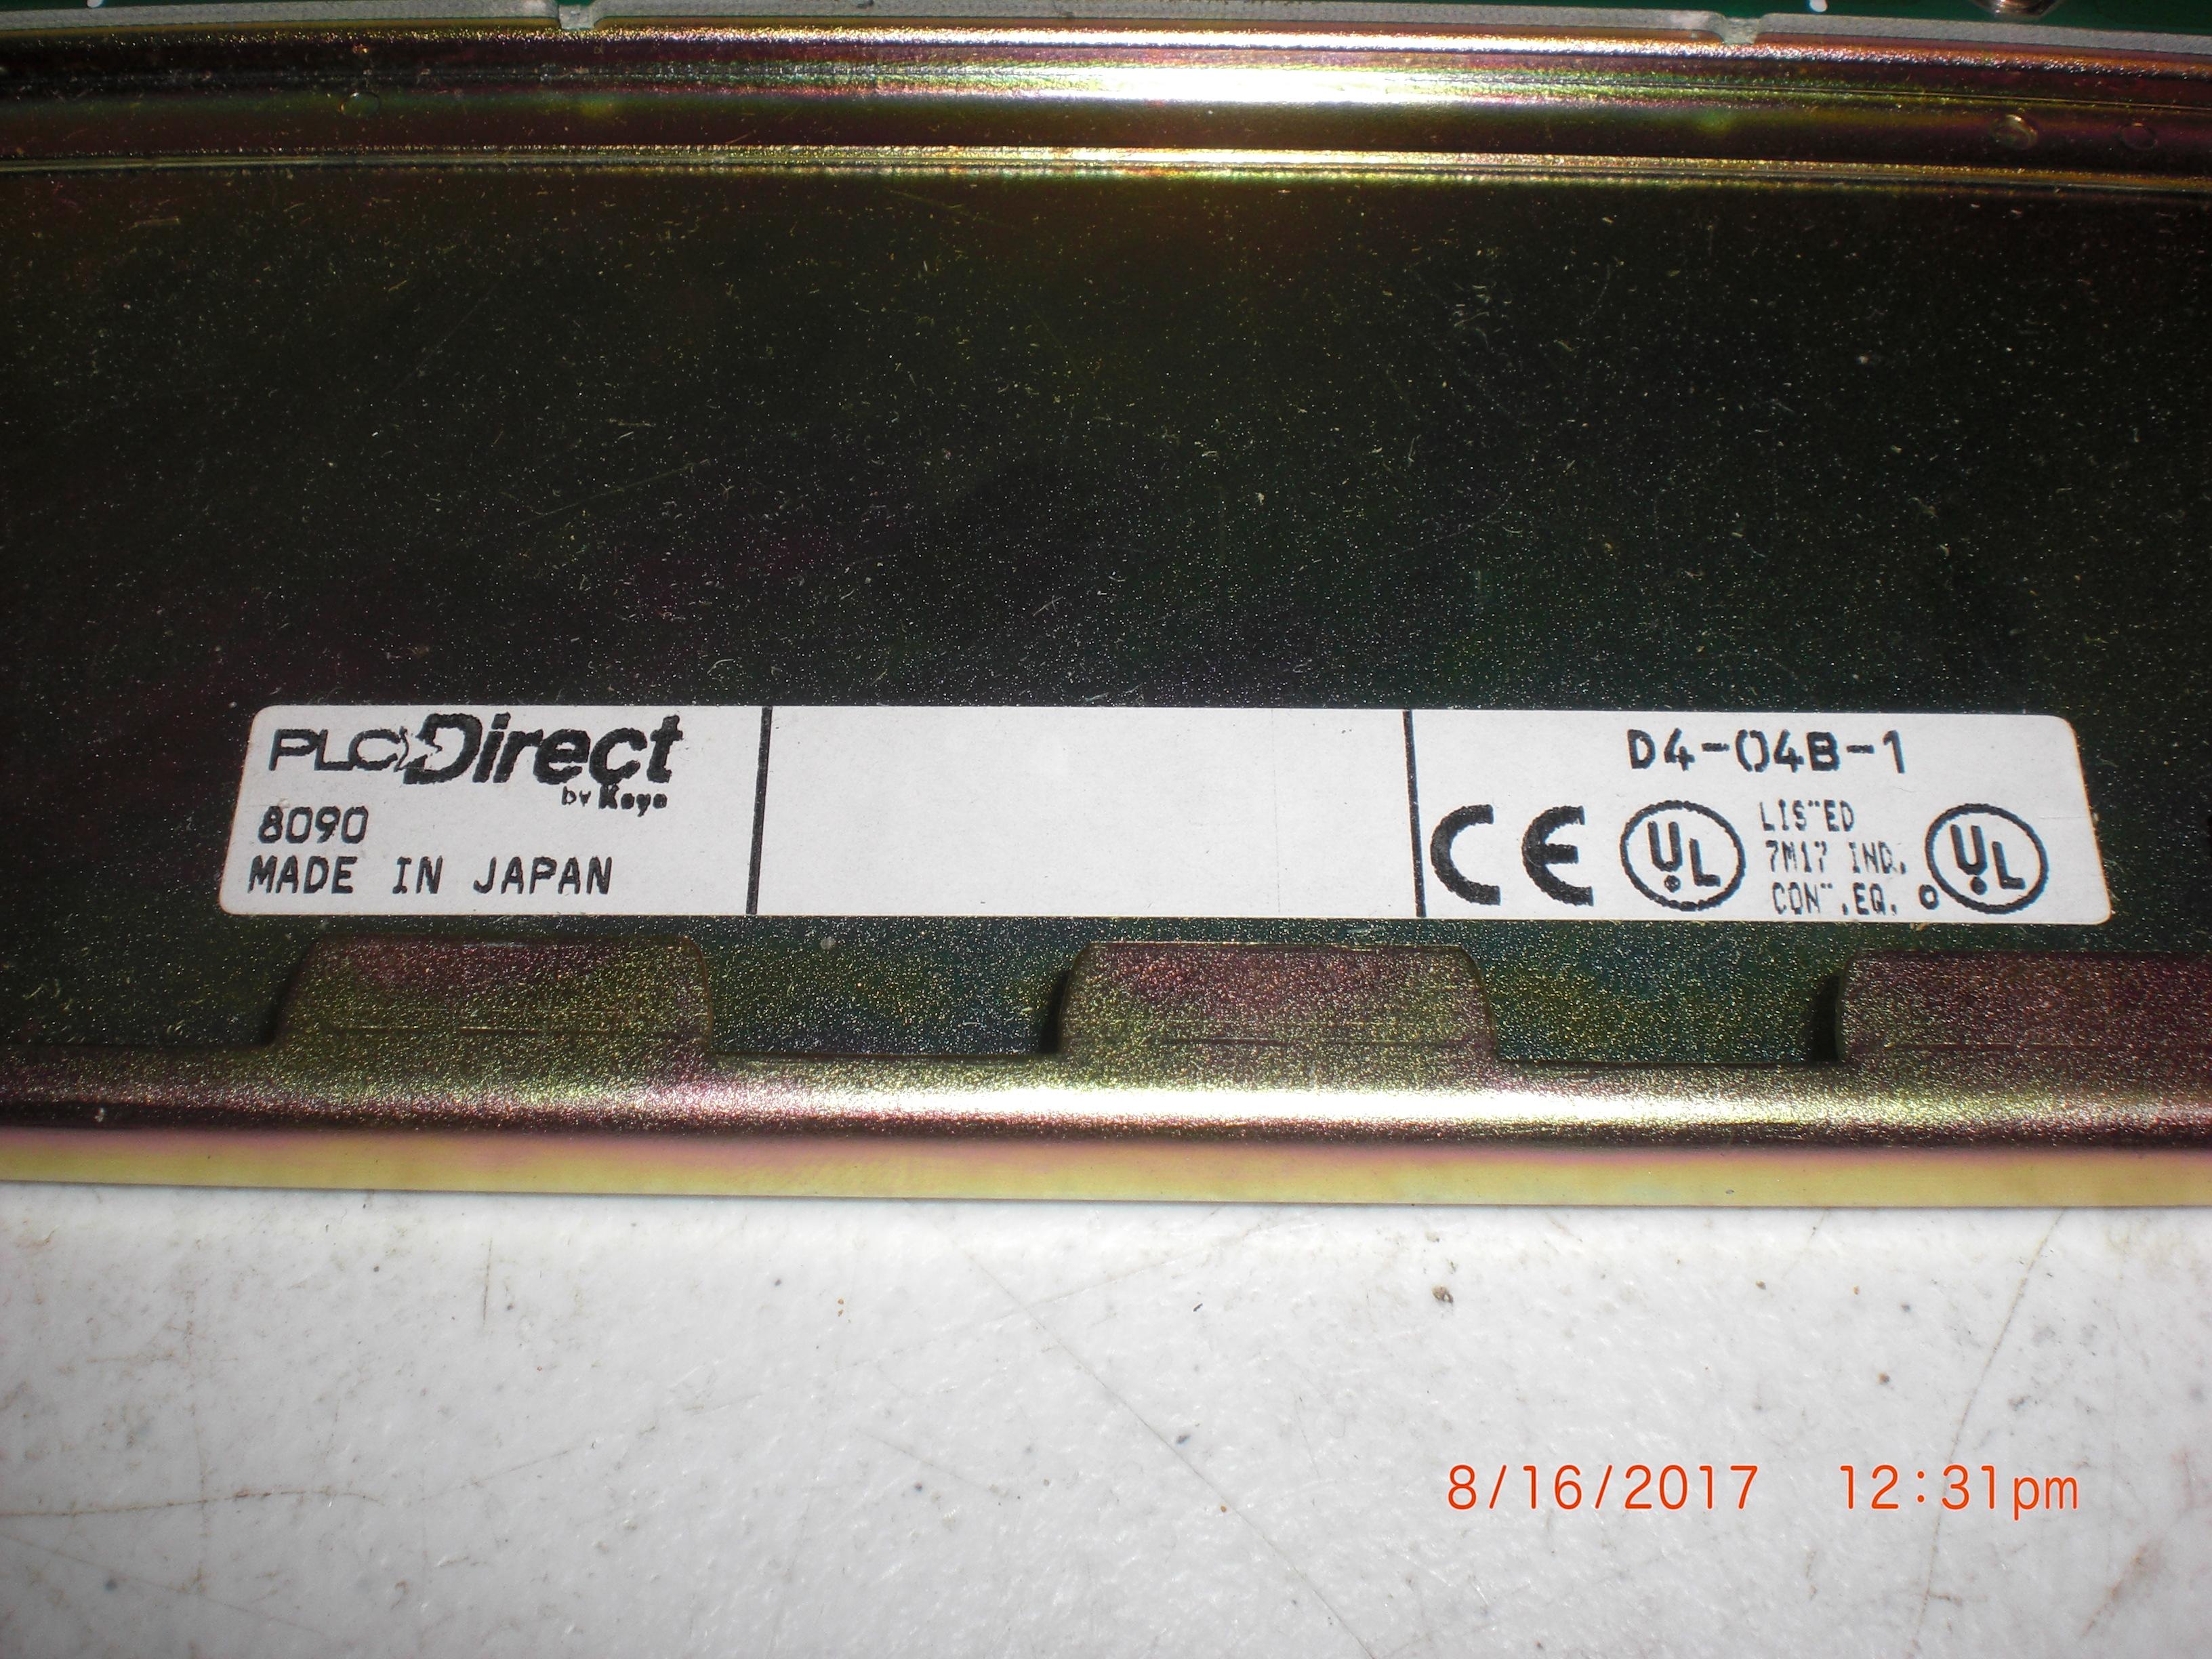 PLC DIRECT D4-04B-1 BASE